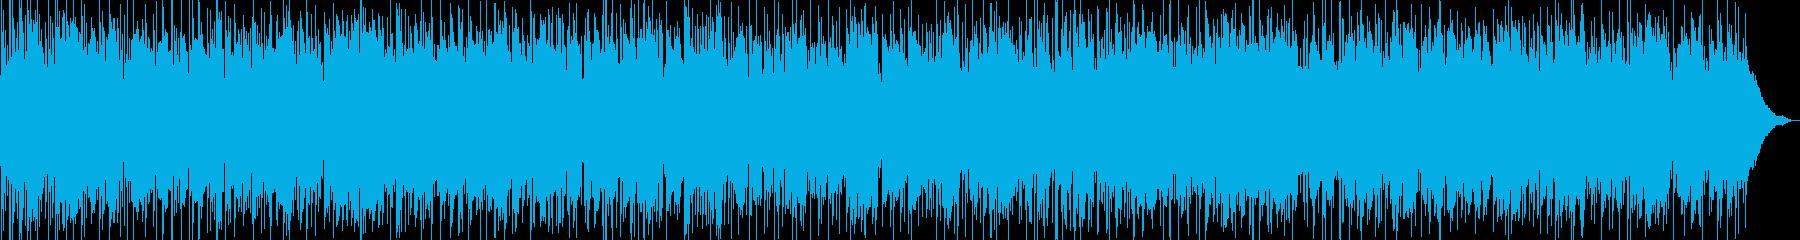 秋の黄昏れの情景をイメージ、クールジャズの再生済みの波形